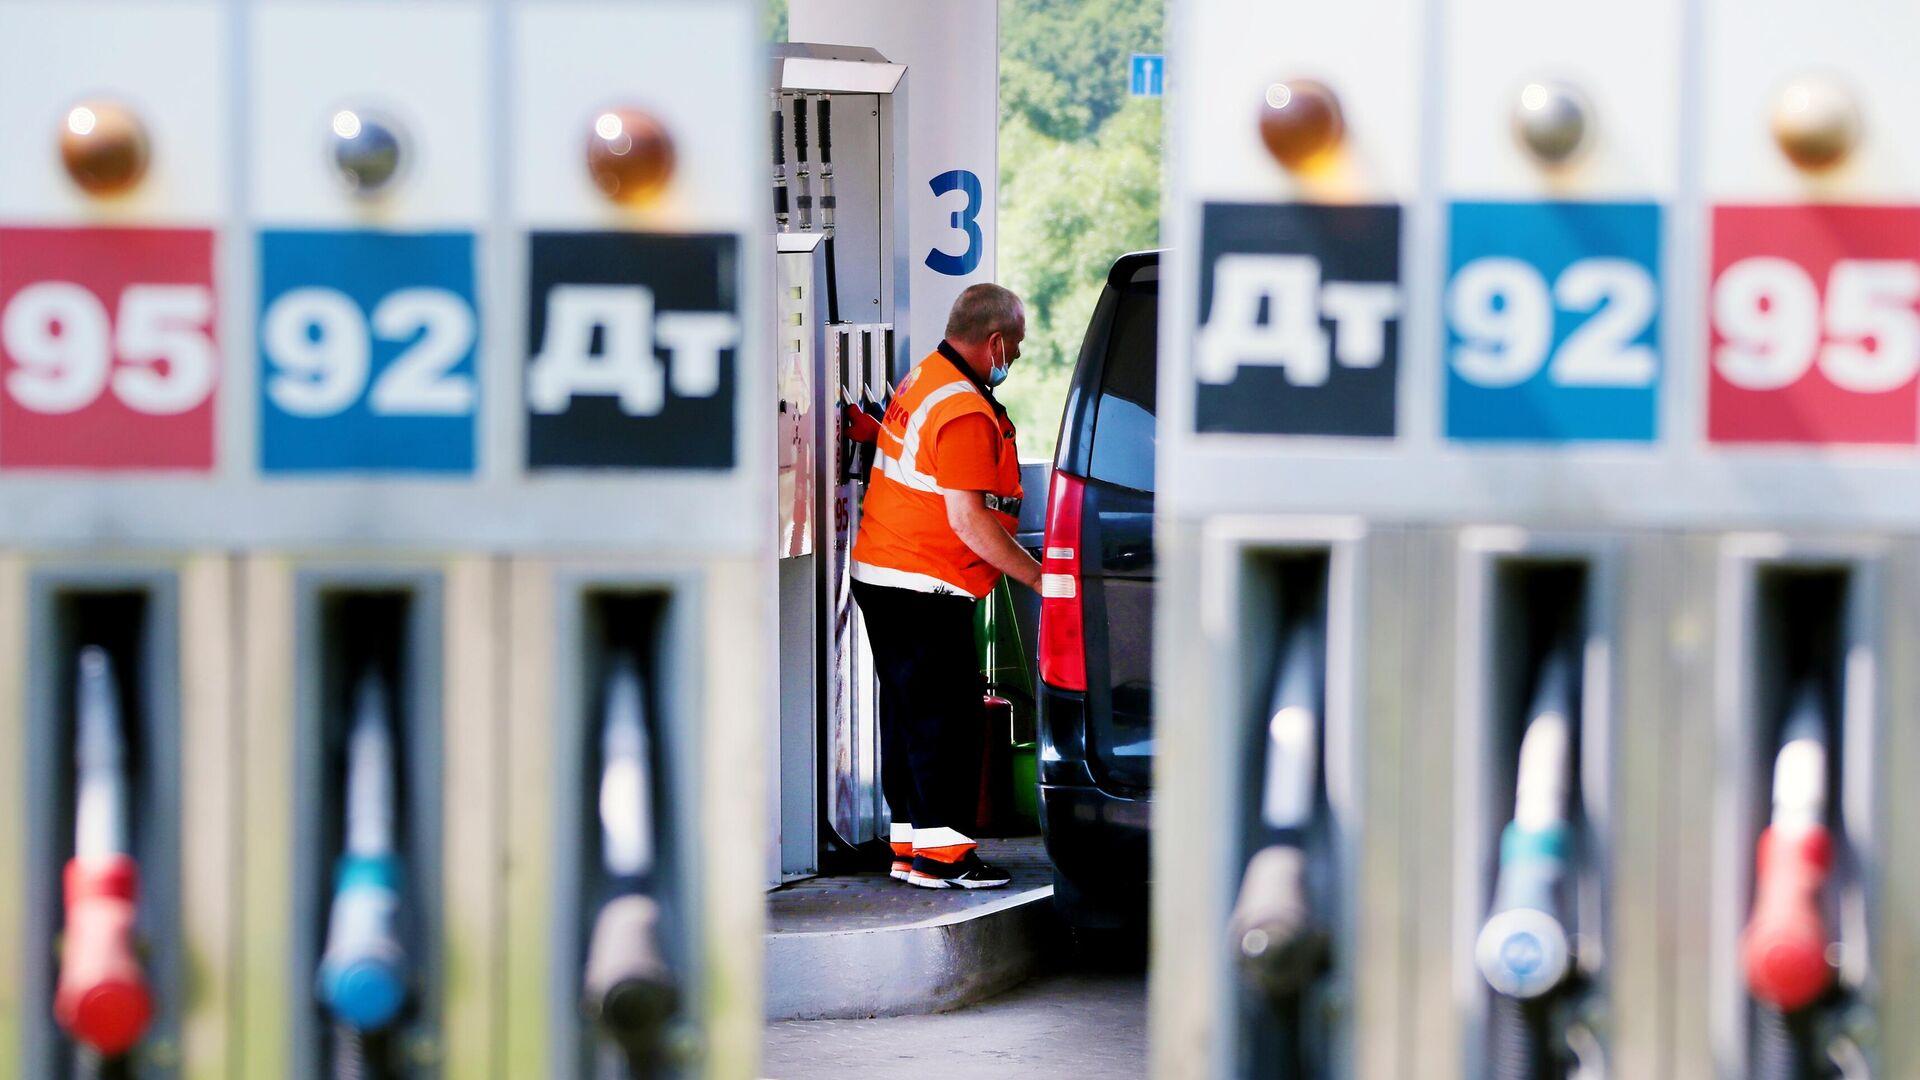 Сотрудник заправляет автомобиль на одной из автозаправочных станций Газпромнефть в Москве - РИА Новости, 1920, 04.08.2021